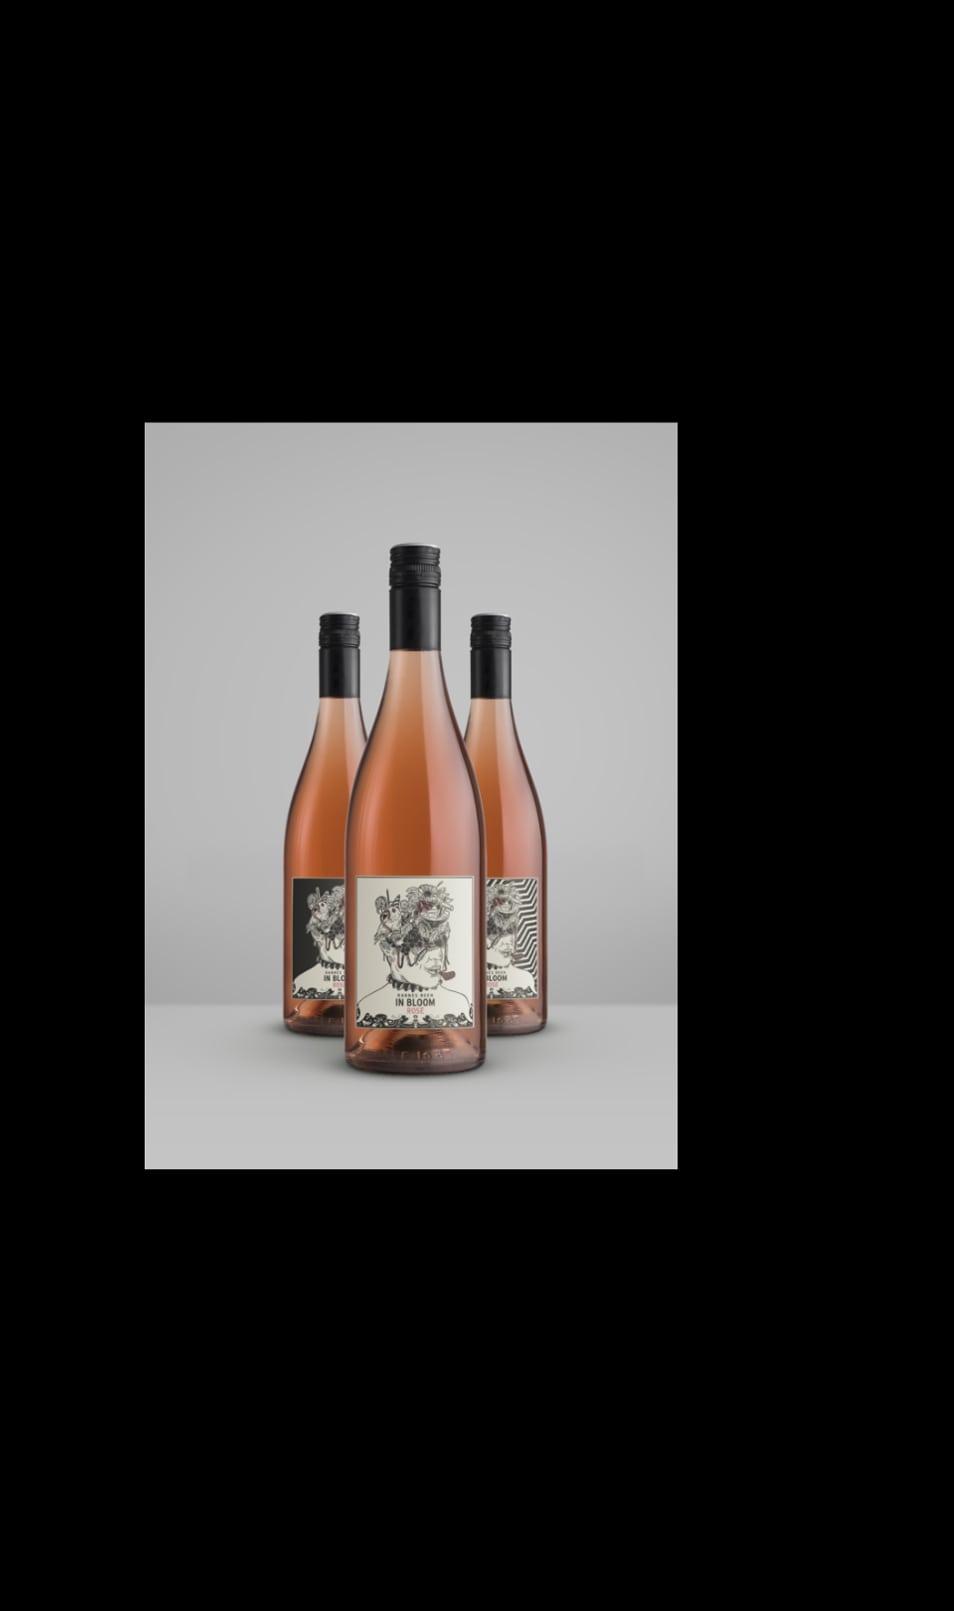 Abbildung einer Mockupgrafik zur Weinlinie In Bloom Rose von Winzer Hanns Reh